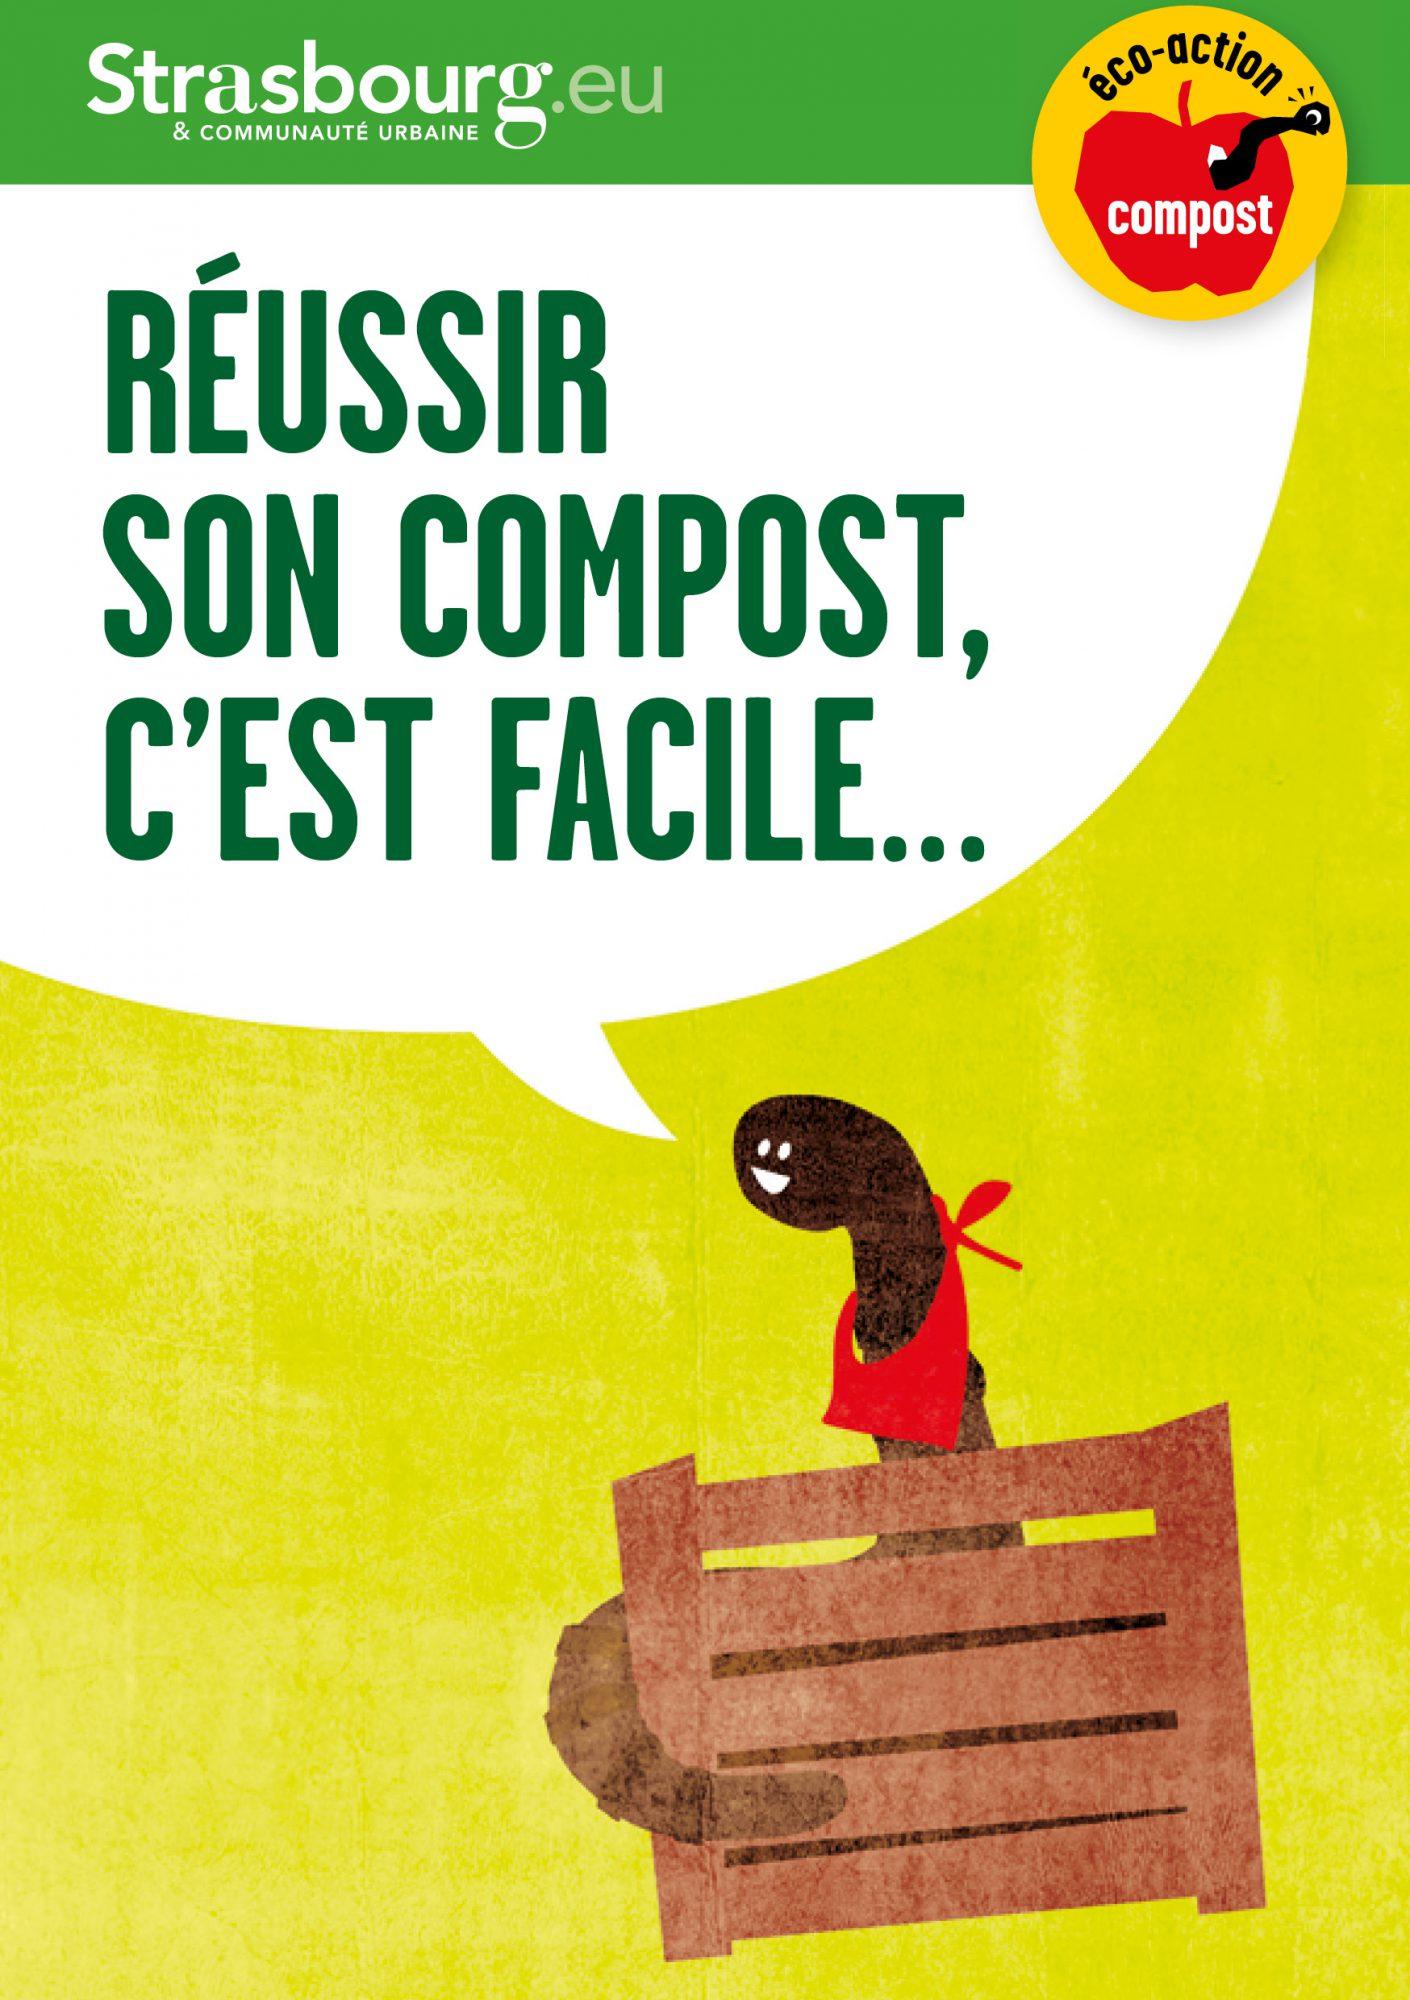 Réussir son compost c'est facile